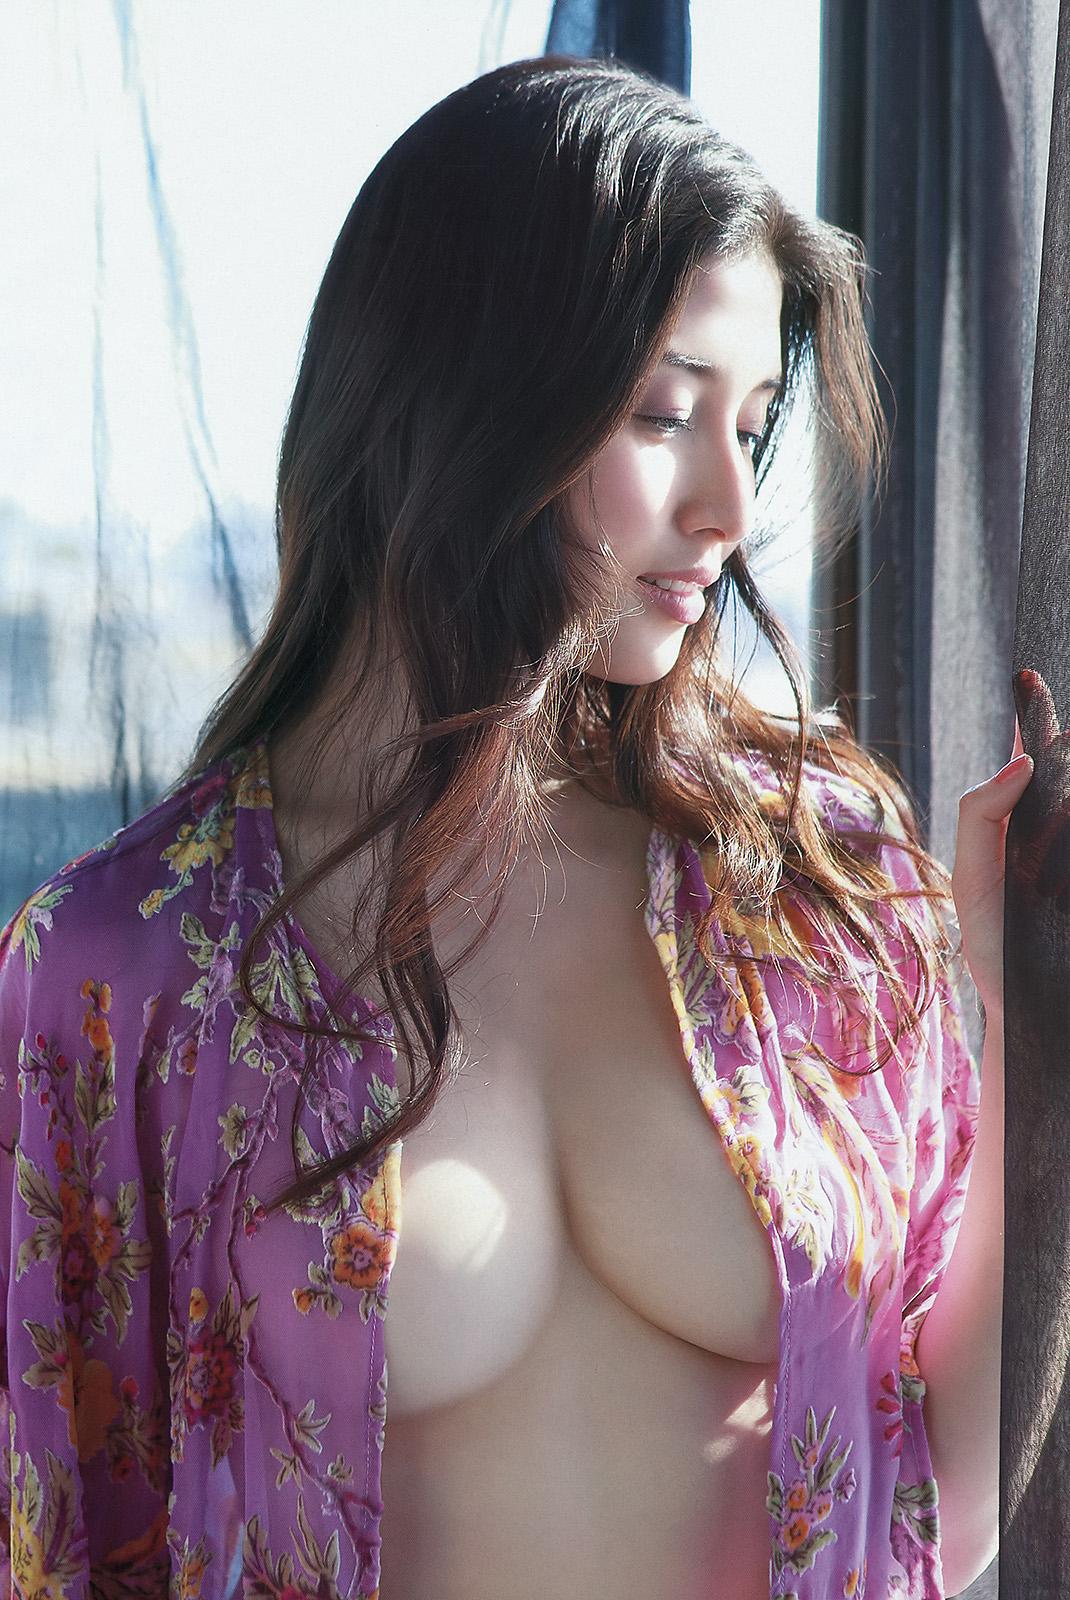 image http://scanlover.com/assets/images/315-ZEcEgtJGzrmZb9RZ.jpeg